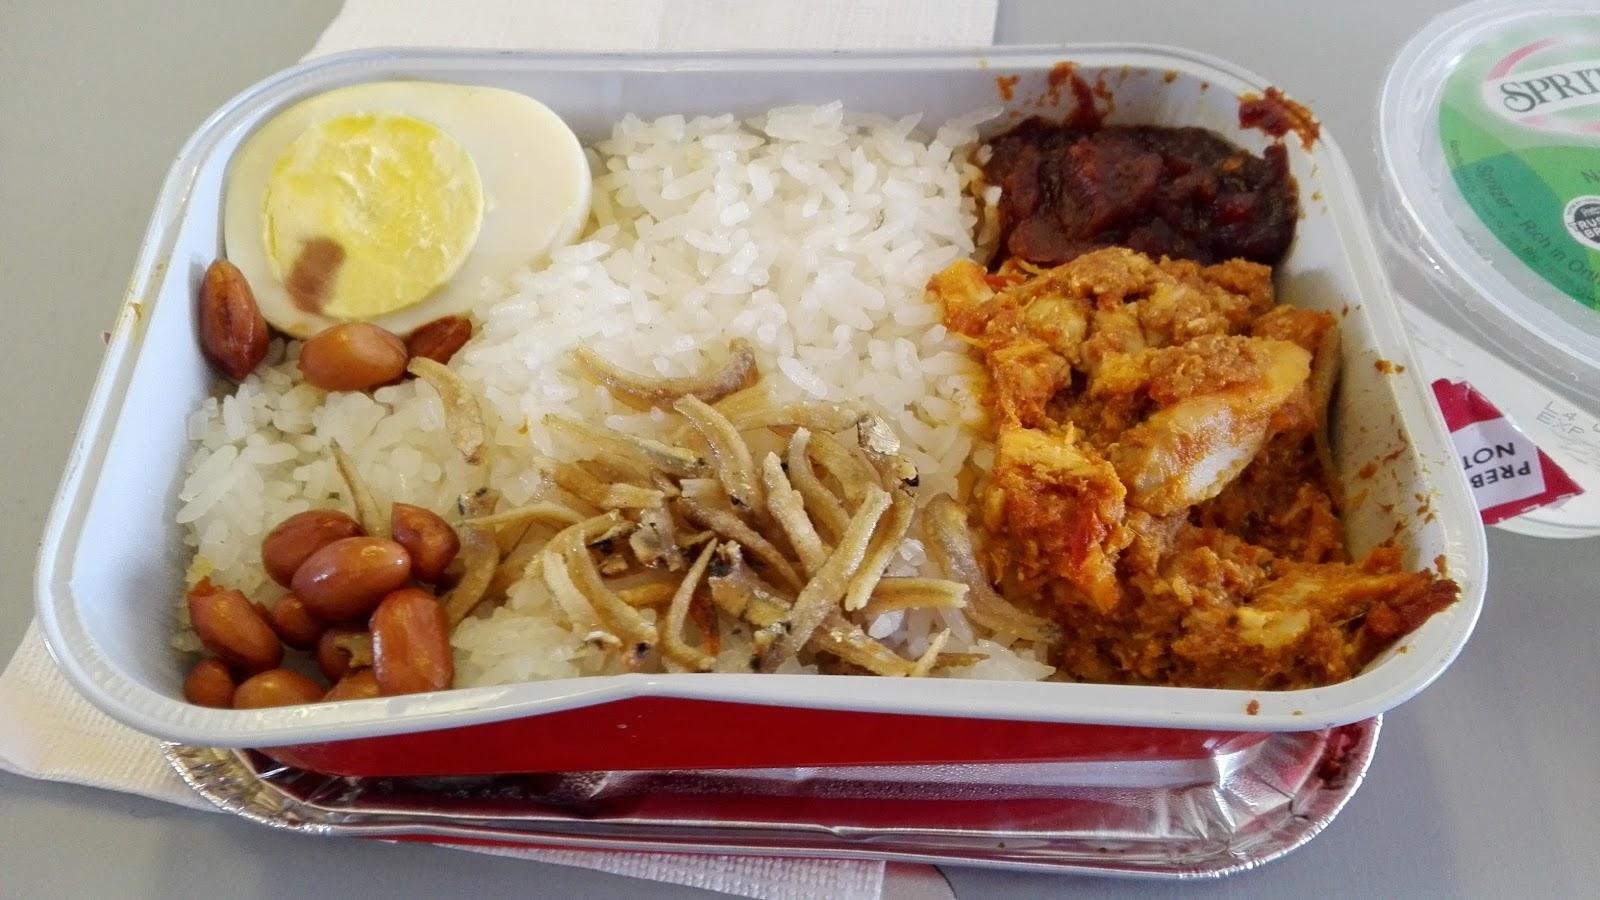 airasia-flighmeal-nasilemak エアアジアの機内食2